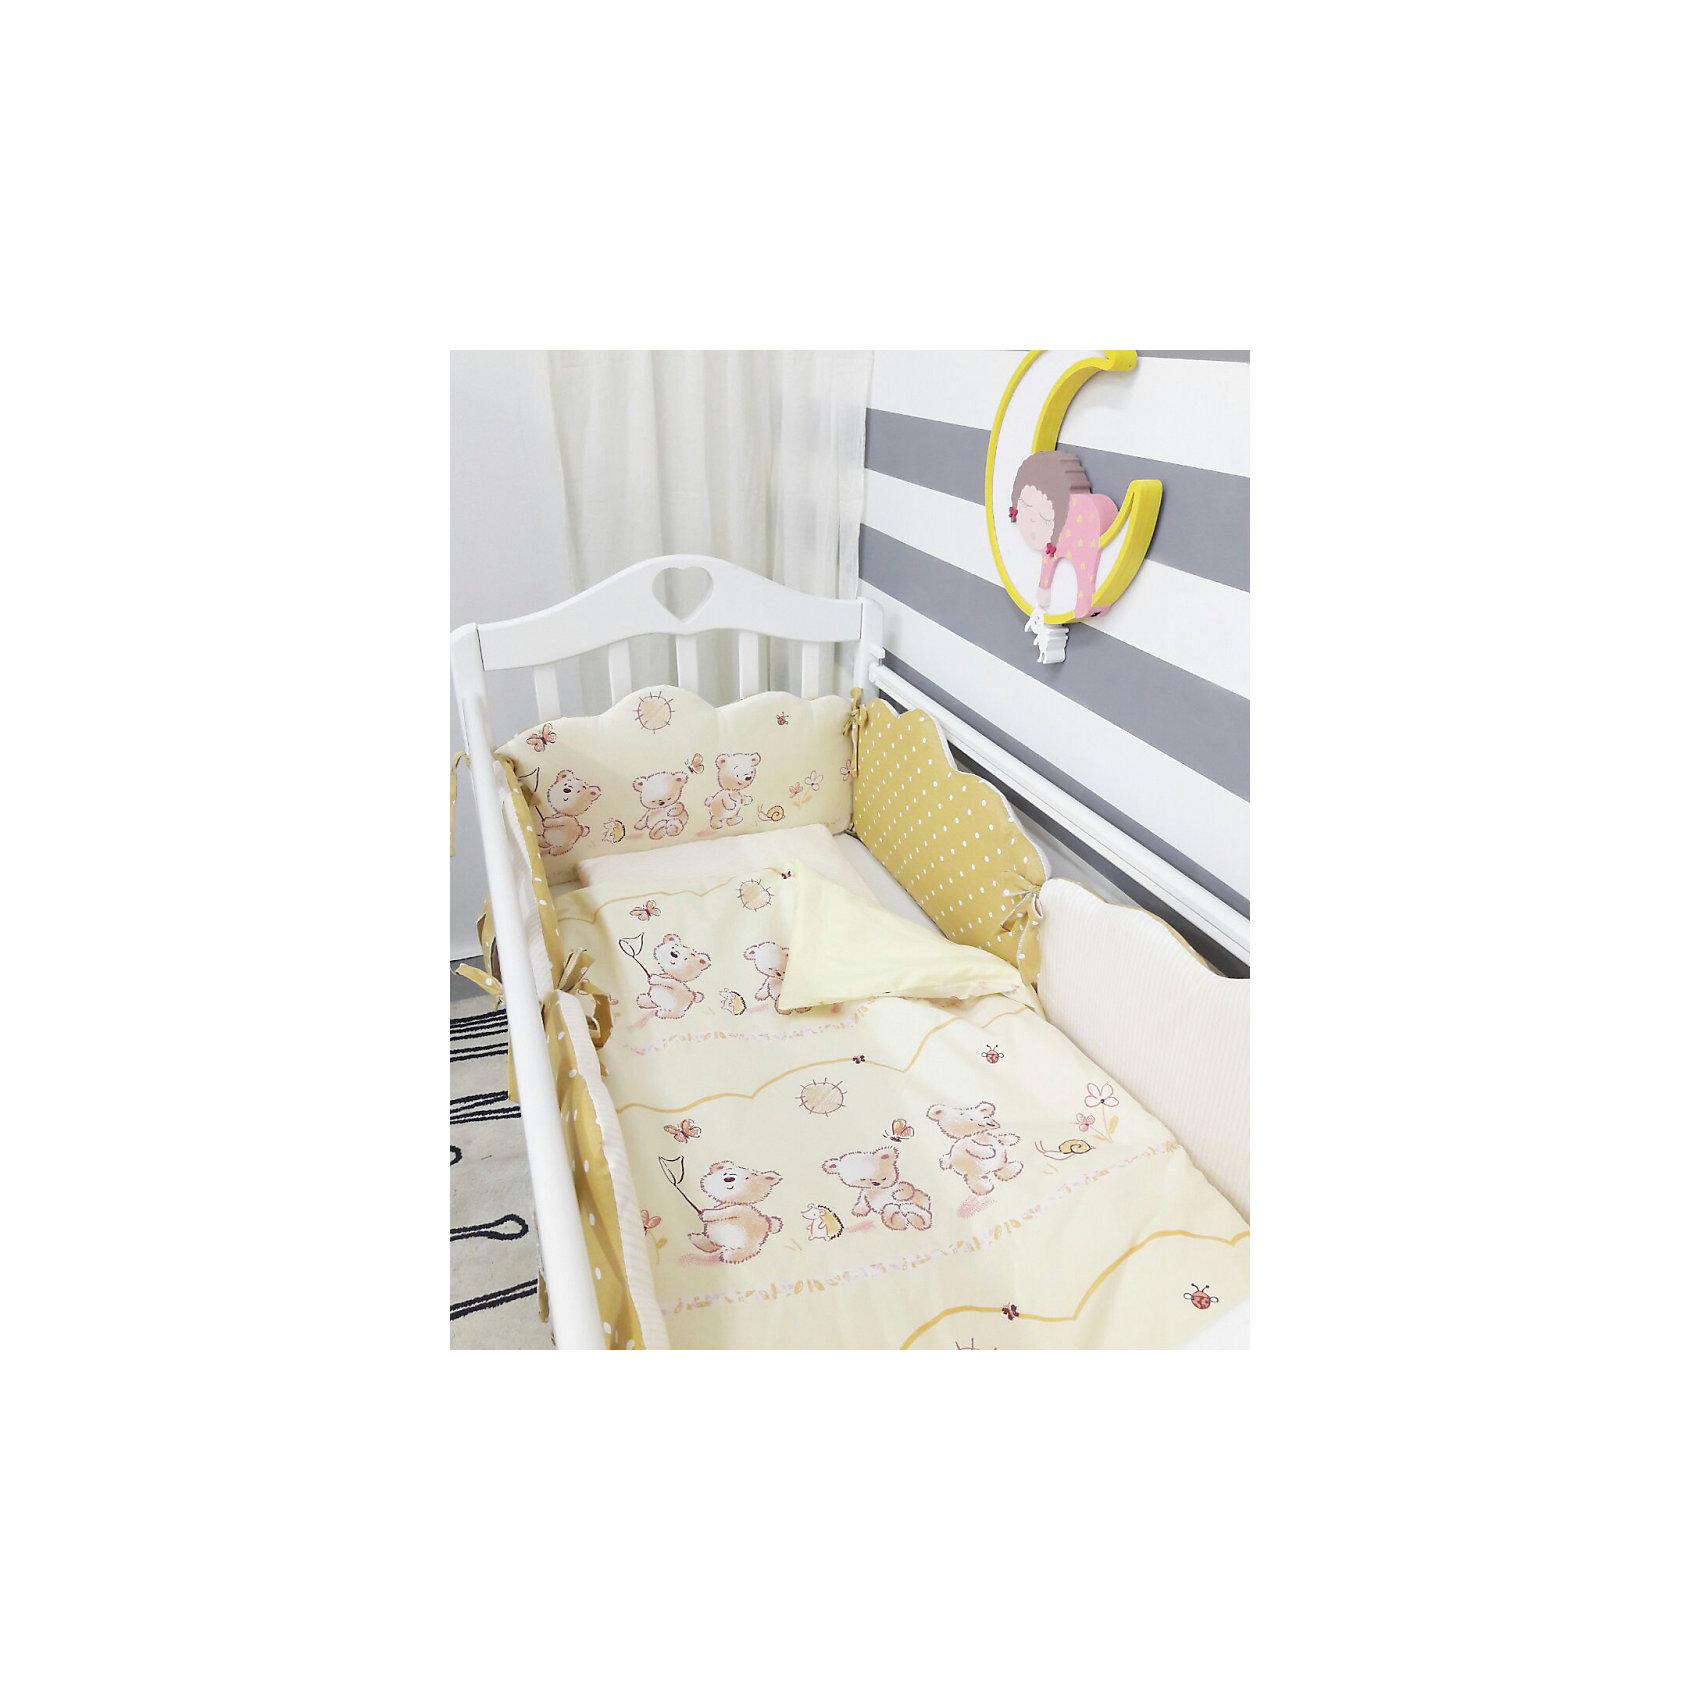 Постельное белье Облака 6 пред., byTwinz, бежевыйПостельное бельё<br>Красивый и стильный комплект постельного белья для Вашего ребенка. <br><br>В комплект входит 6 предметов: <br>бортики-облачка на завязках со сьемными наволочками 6 штук размером 60х45 см<br>простынь на резинке 125х65 см<br>наволочка 36х46 см<br>подушка 35х45см<br>пододеяльник 105х145 см<br>одеяло 100х140 см<br><br>Комплект выполнен их 100% хлопка, сатин<br>Наполнитель - холофайбер, экологически чистое, гиппоаллергенное волокно.<br><br>Ширина мм: 580<br>Глубина мм: 580<br>Высота мм: 180<br>Вес г: 3000<br>Возраст от месяцев: 0<br>Возраст до месяцев: 36<br>Пол: Унисекс<br>Возраст: Детский<br>SKU: 5197366